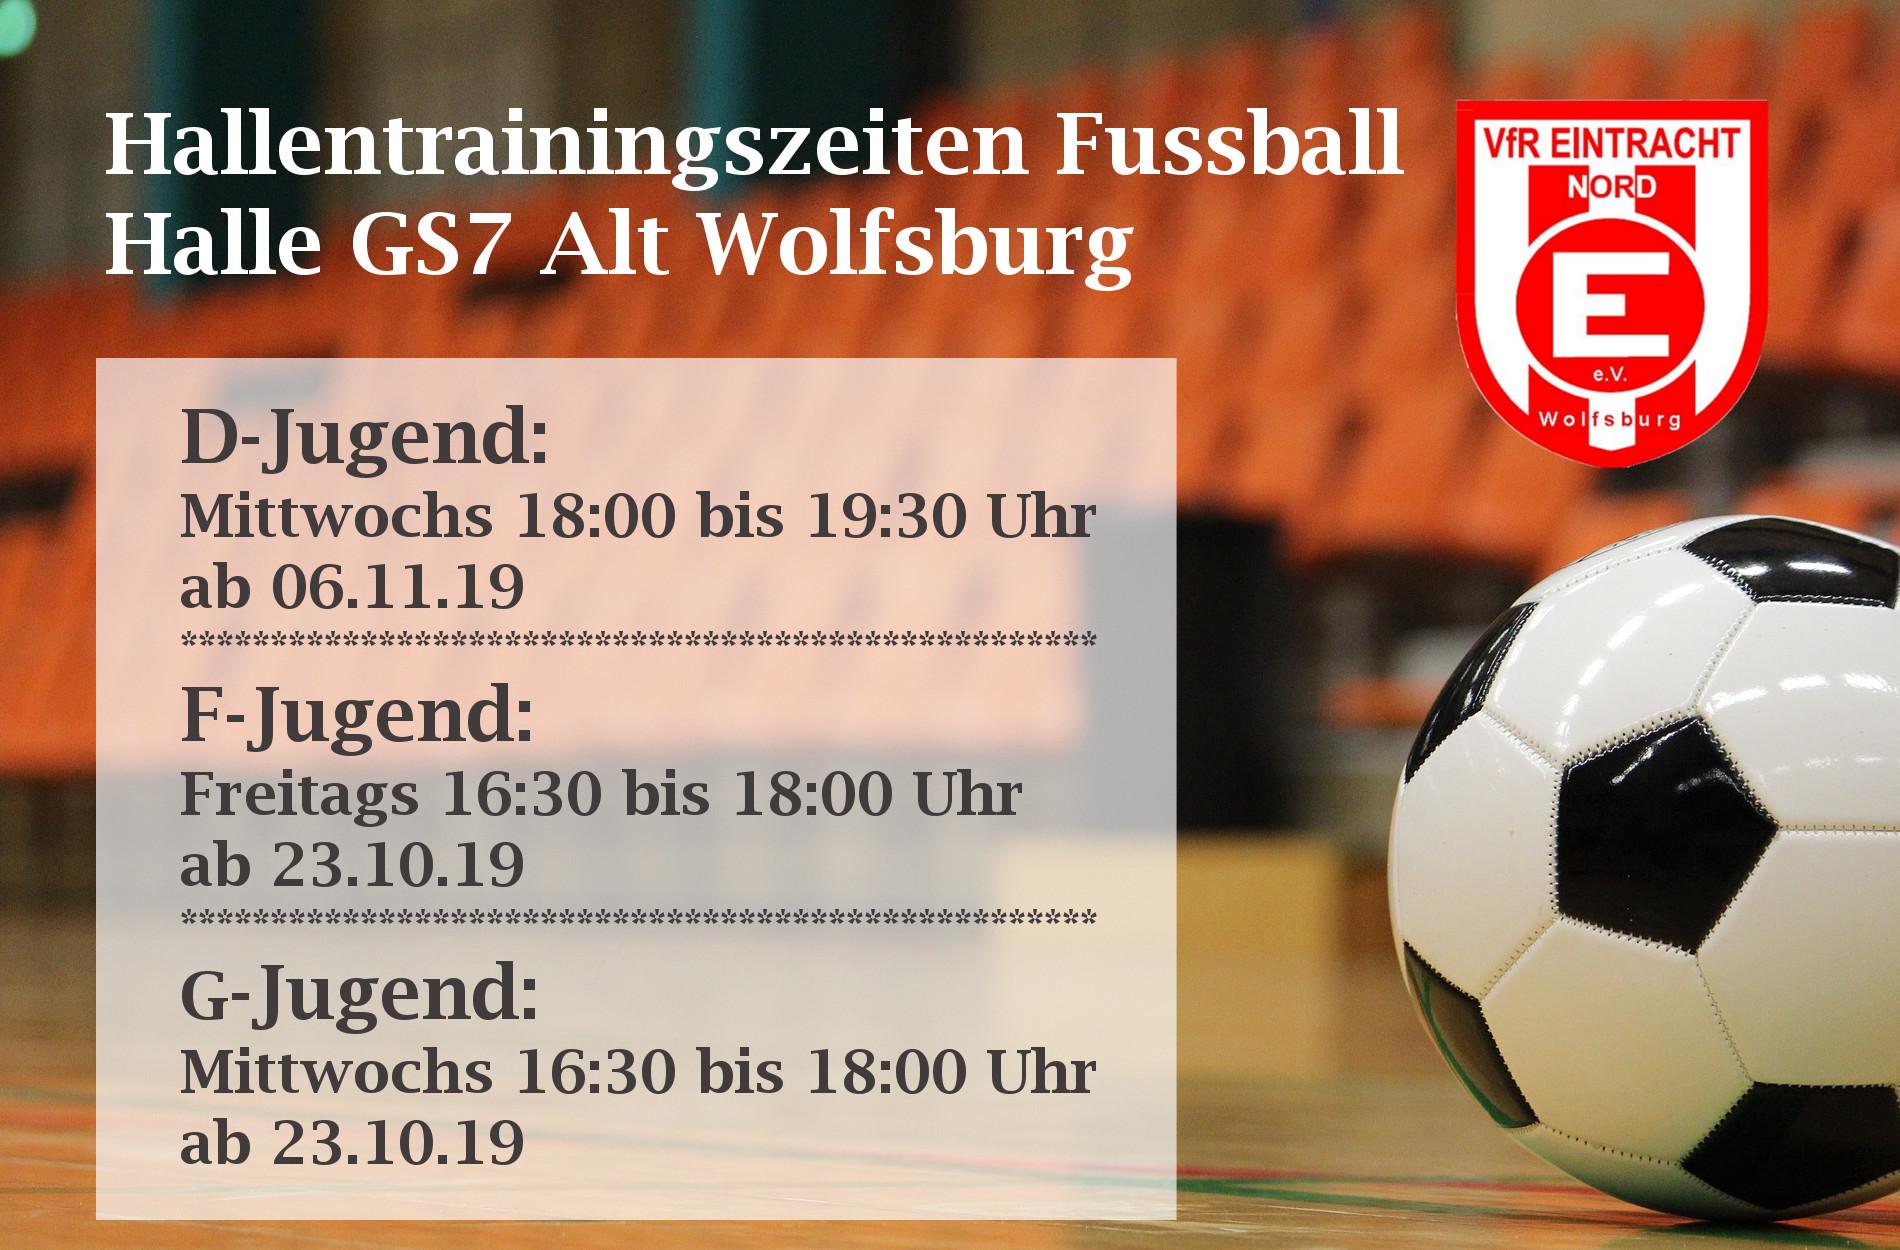 Vfr Eintracht Nord